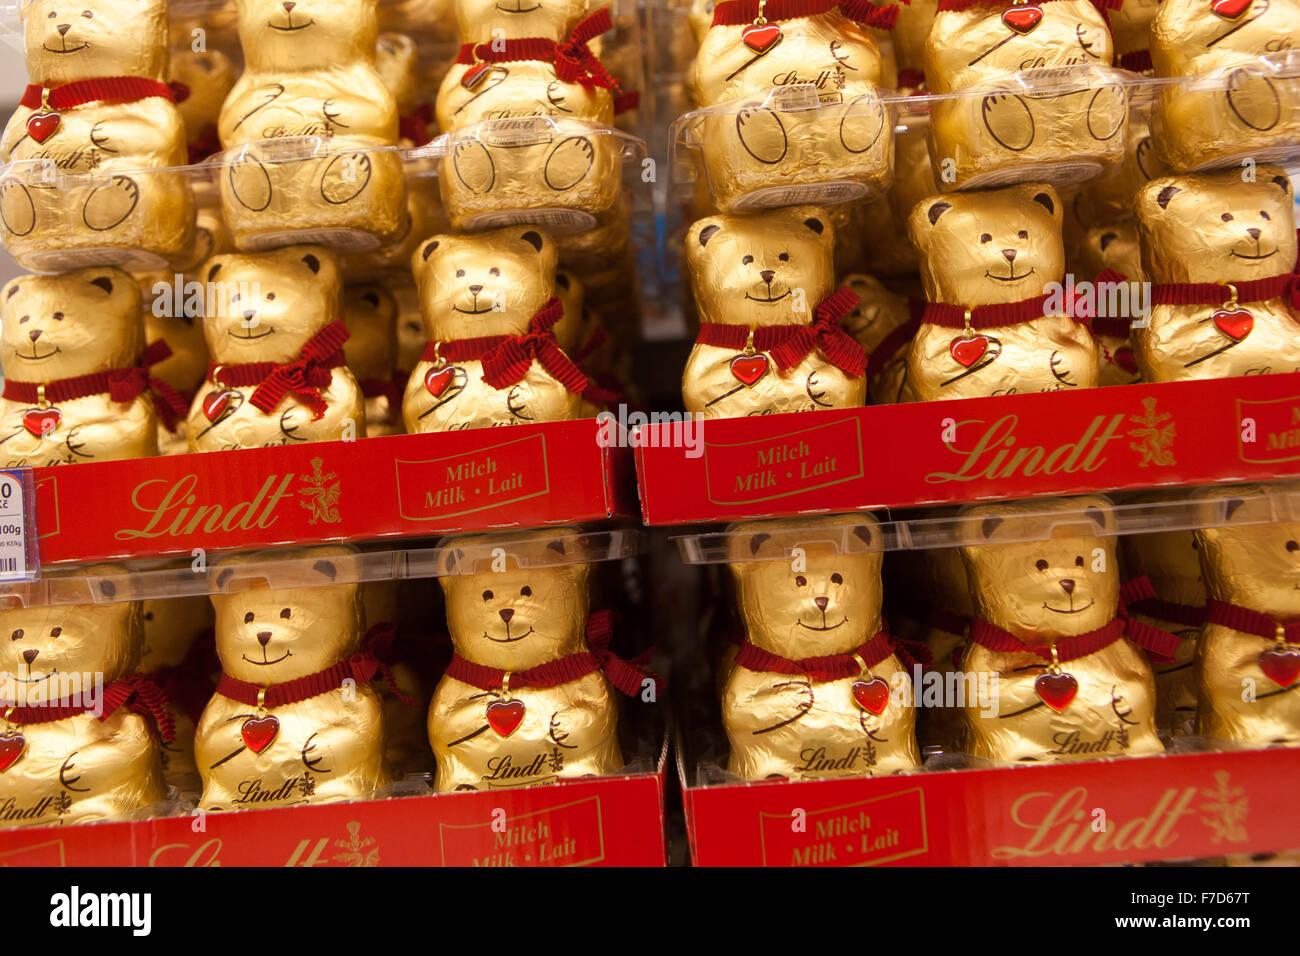 Lindt Chocolate Shop Stock Photos & Lindt Chocolate Shop Stock ...